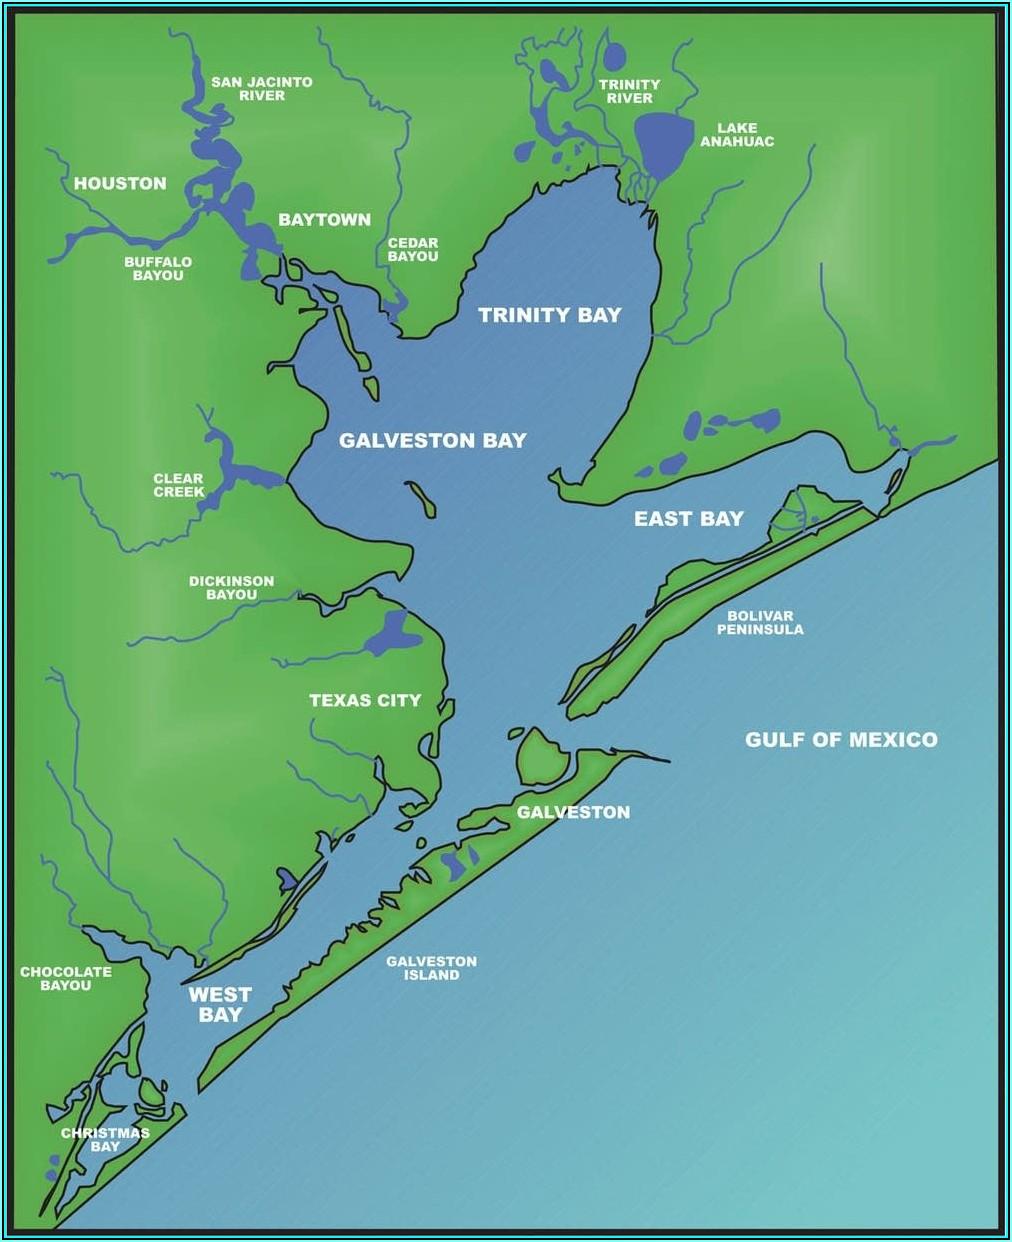 Galveston Bay Fishing Map Online